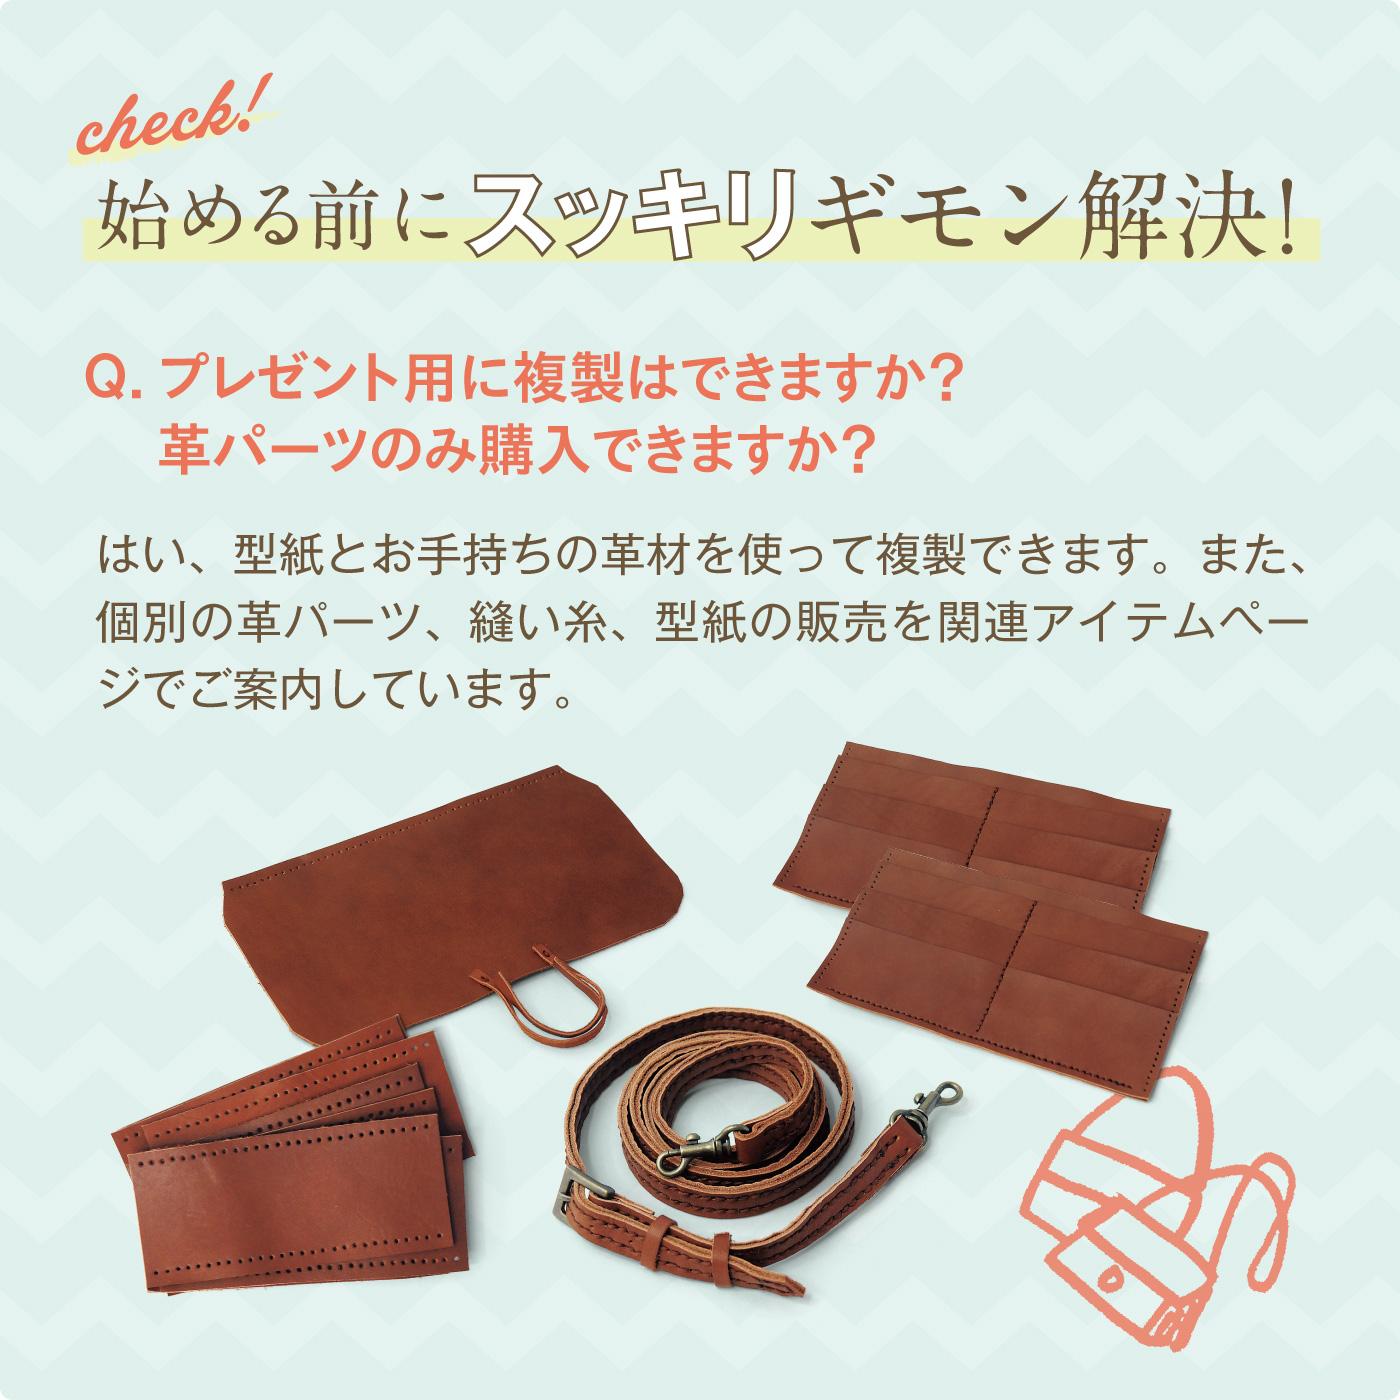 始める前にスッキリギモン解決!プレゼント用に複製はできますか?革パーツのみ購入できますか?